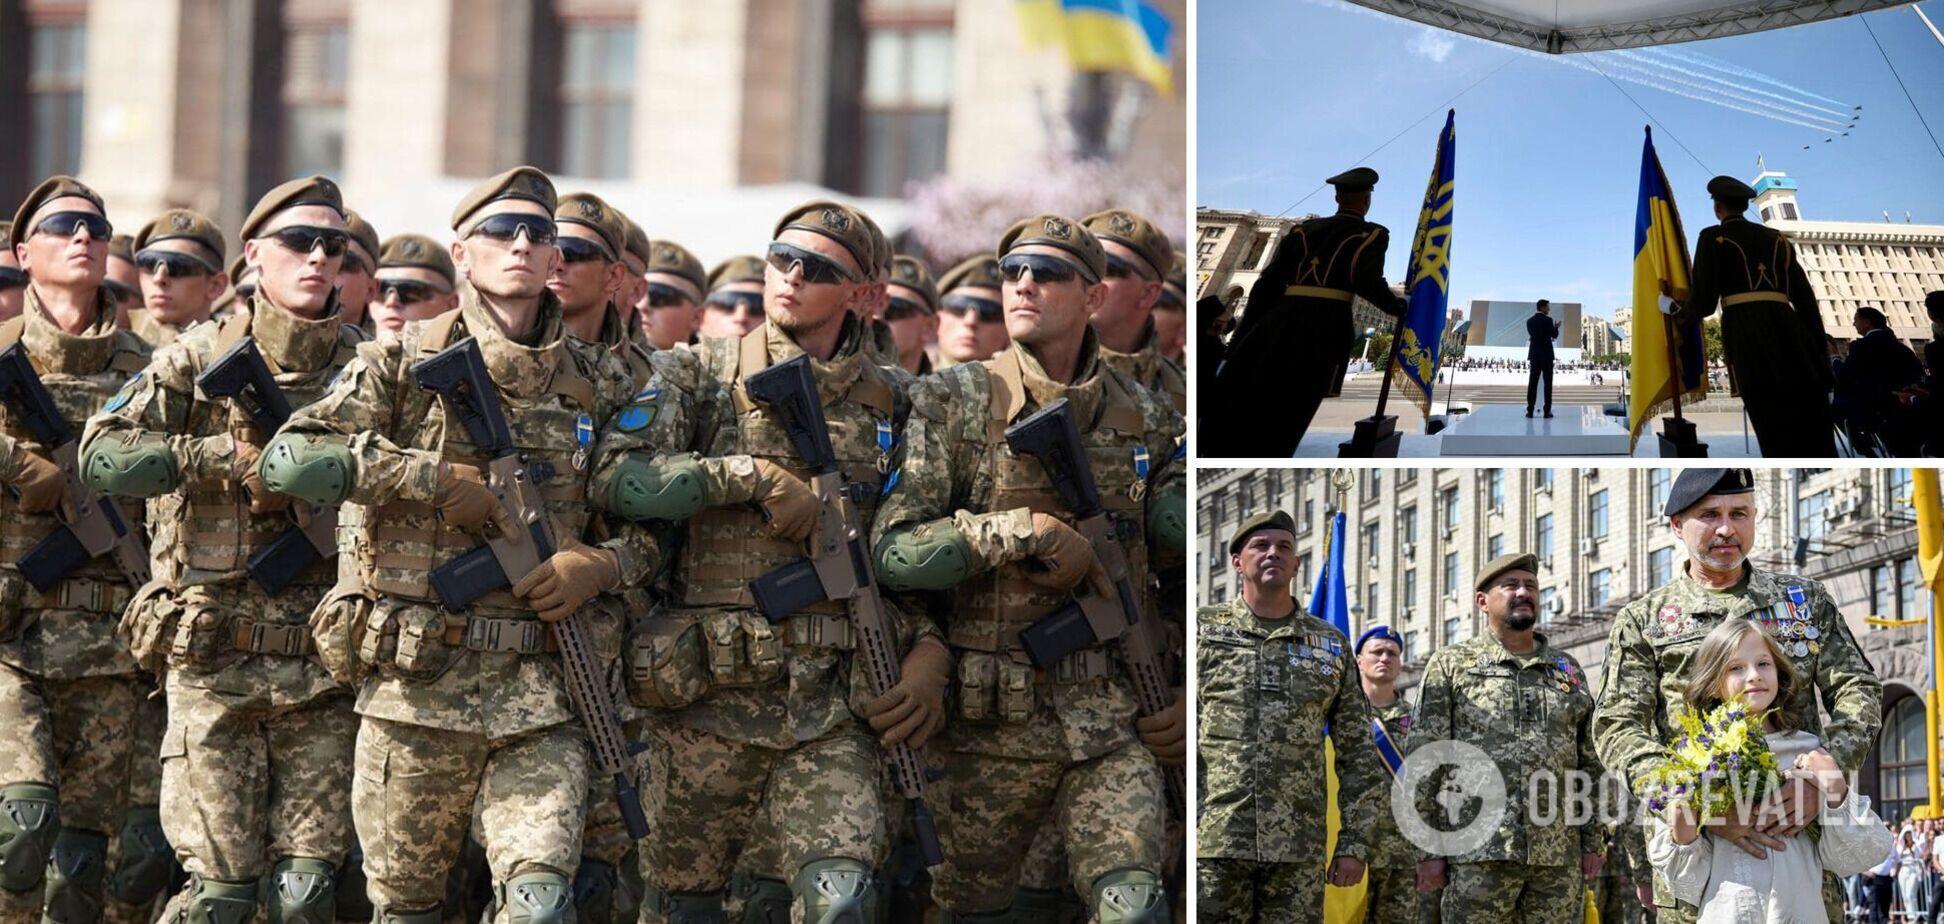 У Києві відбувся військовий парад за участю країн НАТО: фото, відео та всі подробиці